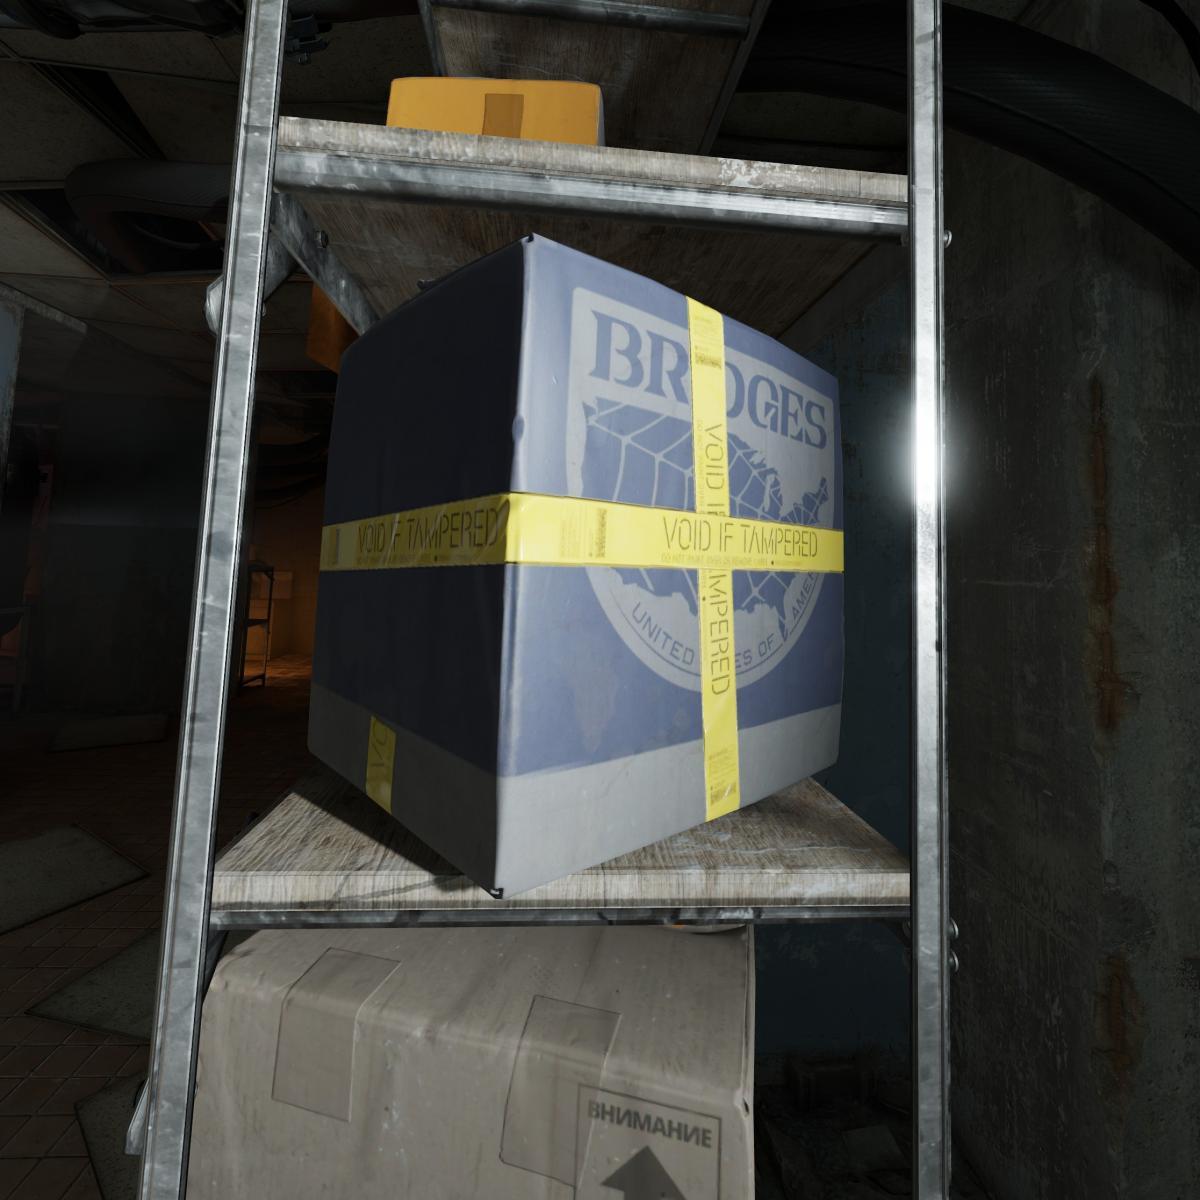 В Half-Life: Alyx нашли коробкe с логотипом компании Bridges / reddit.com